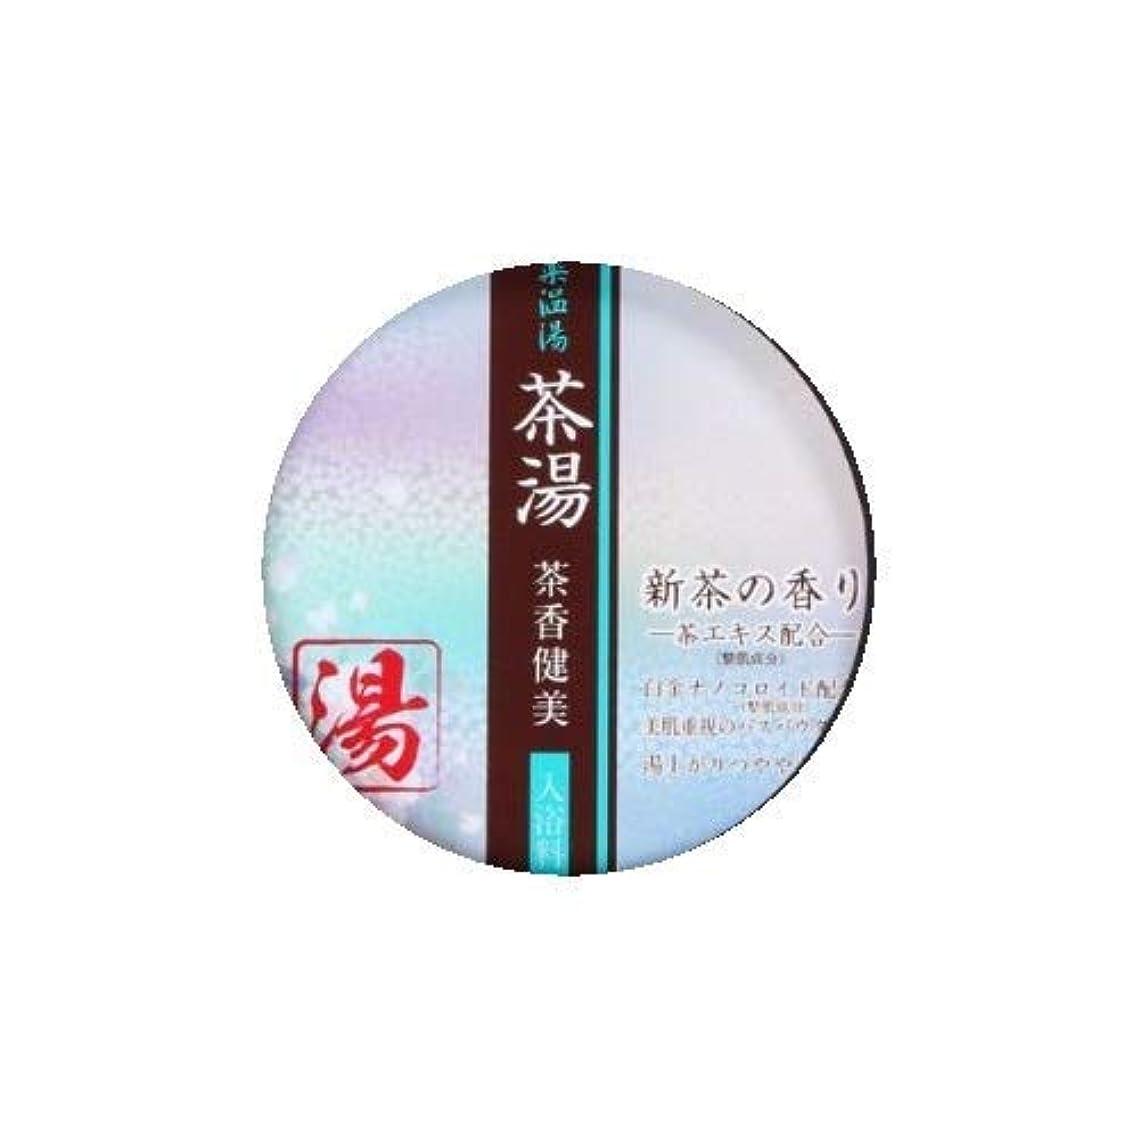 傾くゴミ箱を空にするリーン薬温湯 茶湯 入浴料 新茶の香り POF-10S